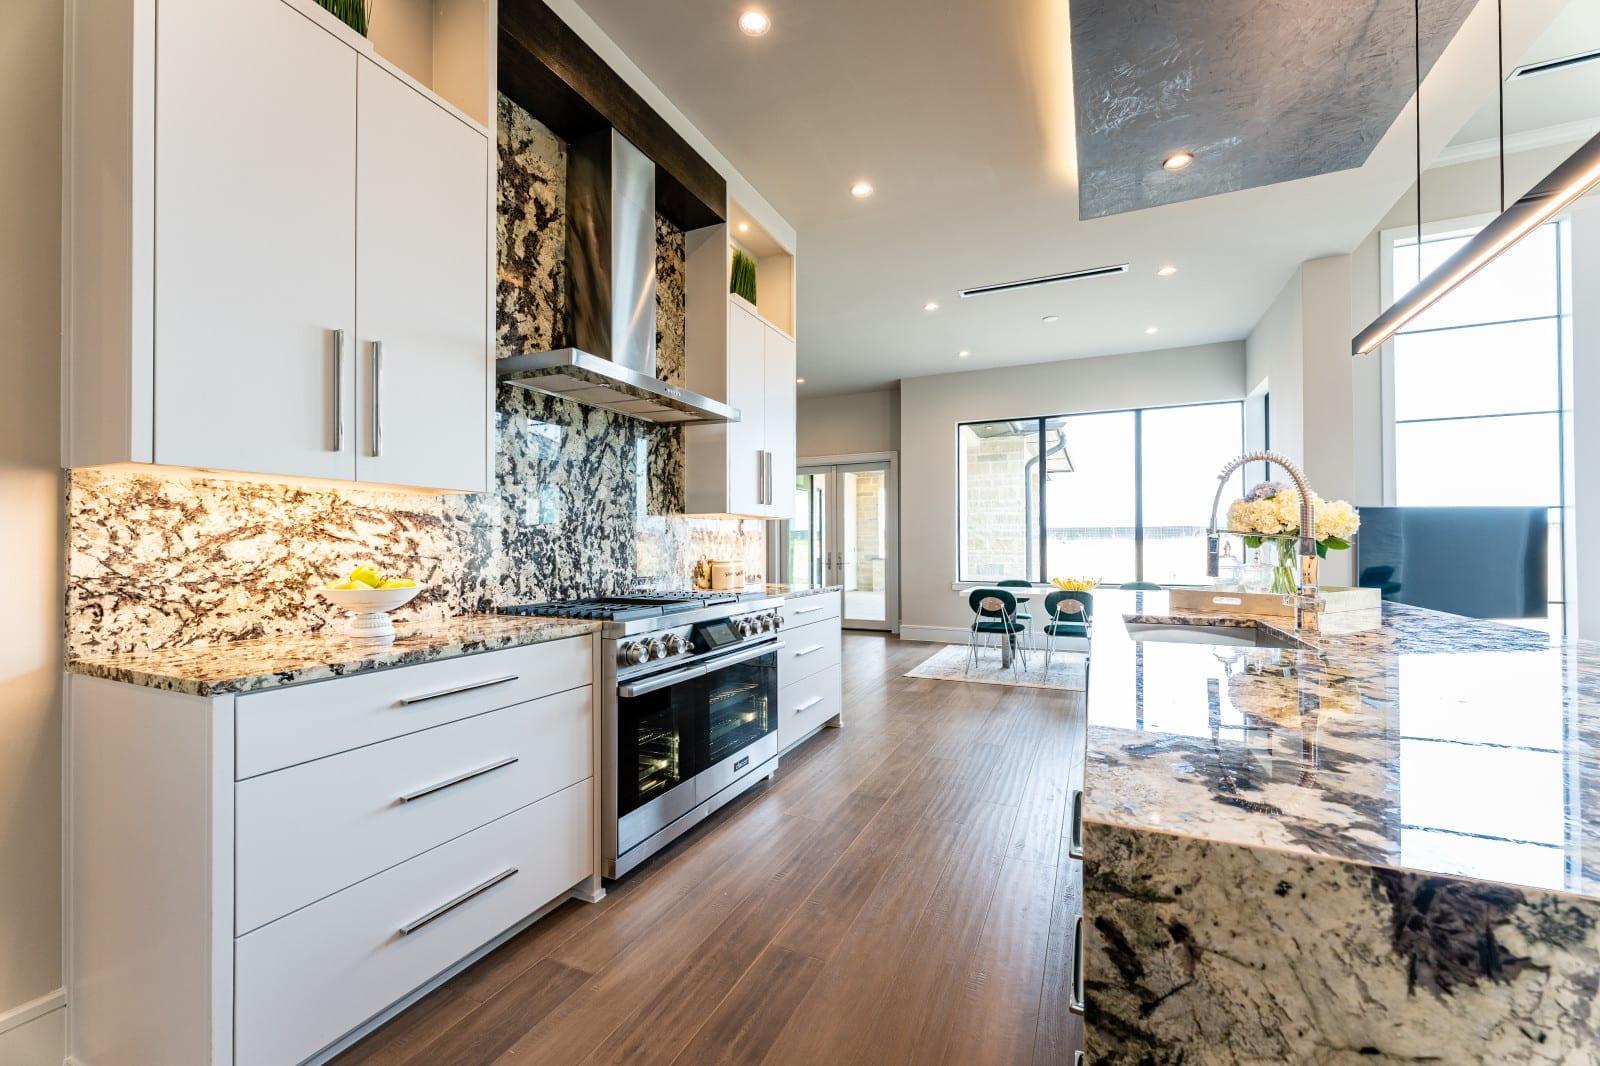 modern home design 15 - Millennial Design + Build